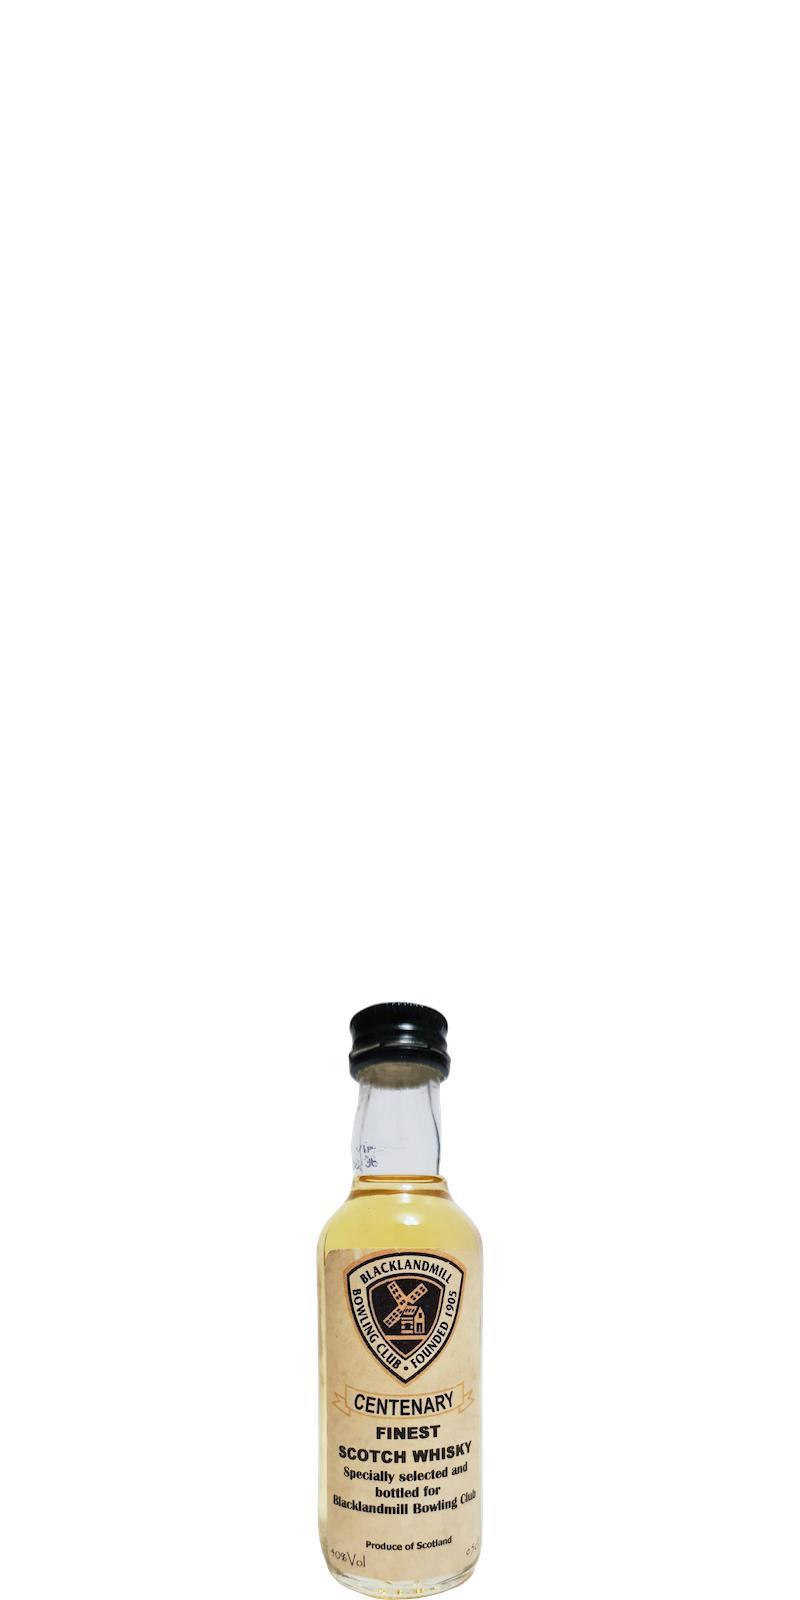 Centenary Finest Scotch Whisky